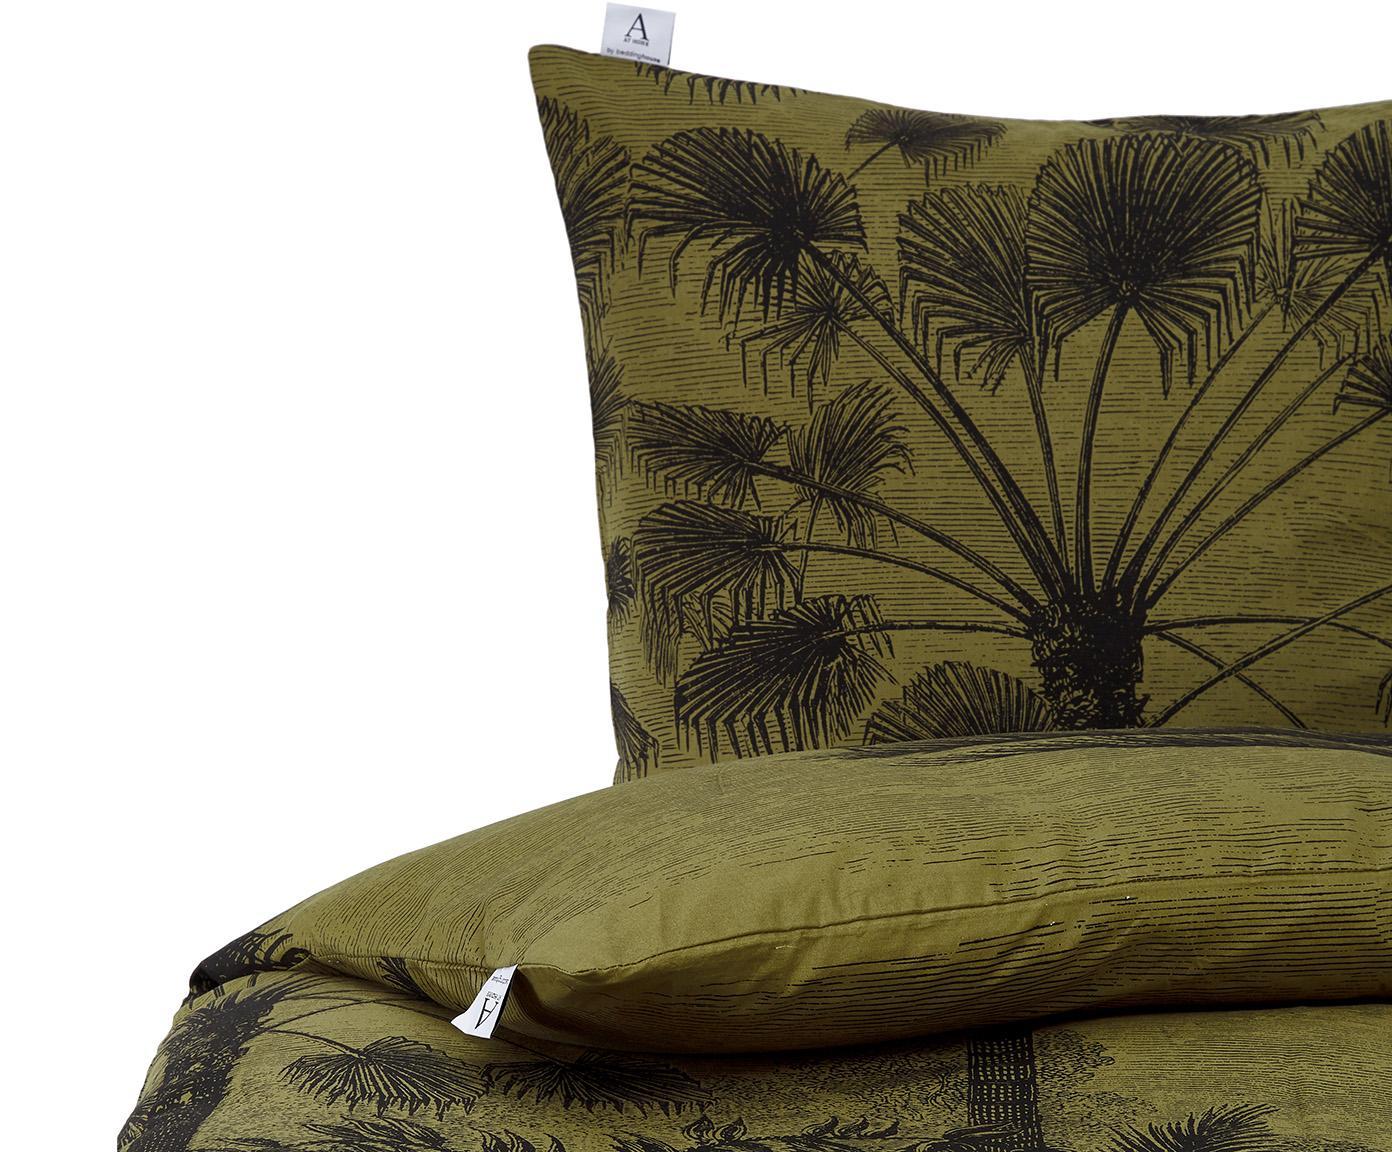 Baumwoll-Bettwäsche Tour du Monde, 100% Baumwolle  Fadendichte 144 TC, Standard Qualität  Bettwäsche aus Baumwolle fühlt sich auf der Haut angenehm weich an, nimmt Feuchtigkeit gut auf und eignet sich für Allergiker, Grün, Schwarz, 135 x 200 cm + 1 Kissen 80 x 80 cm